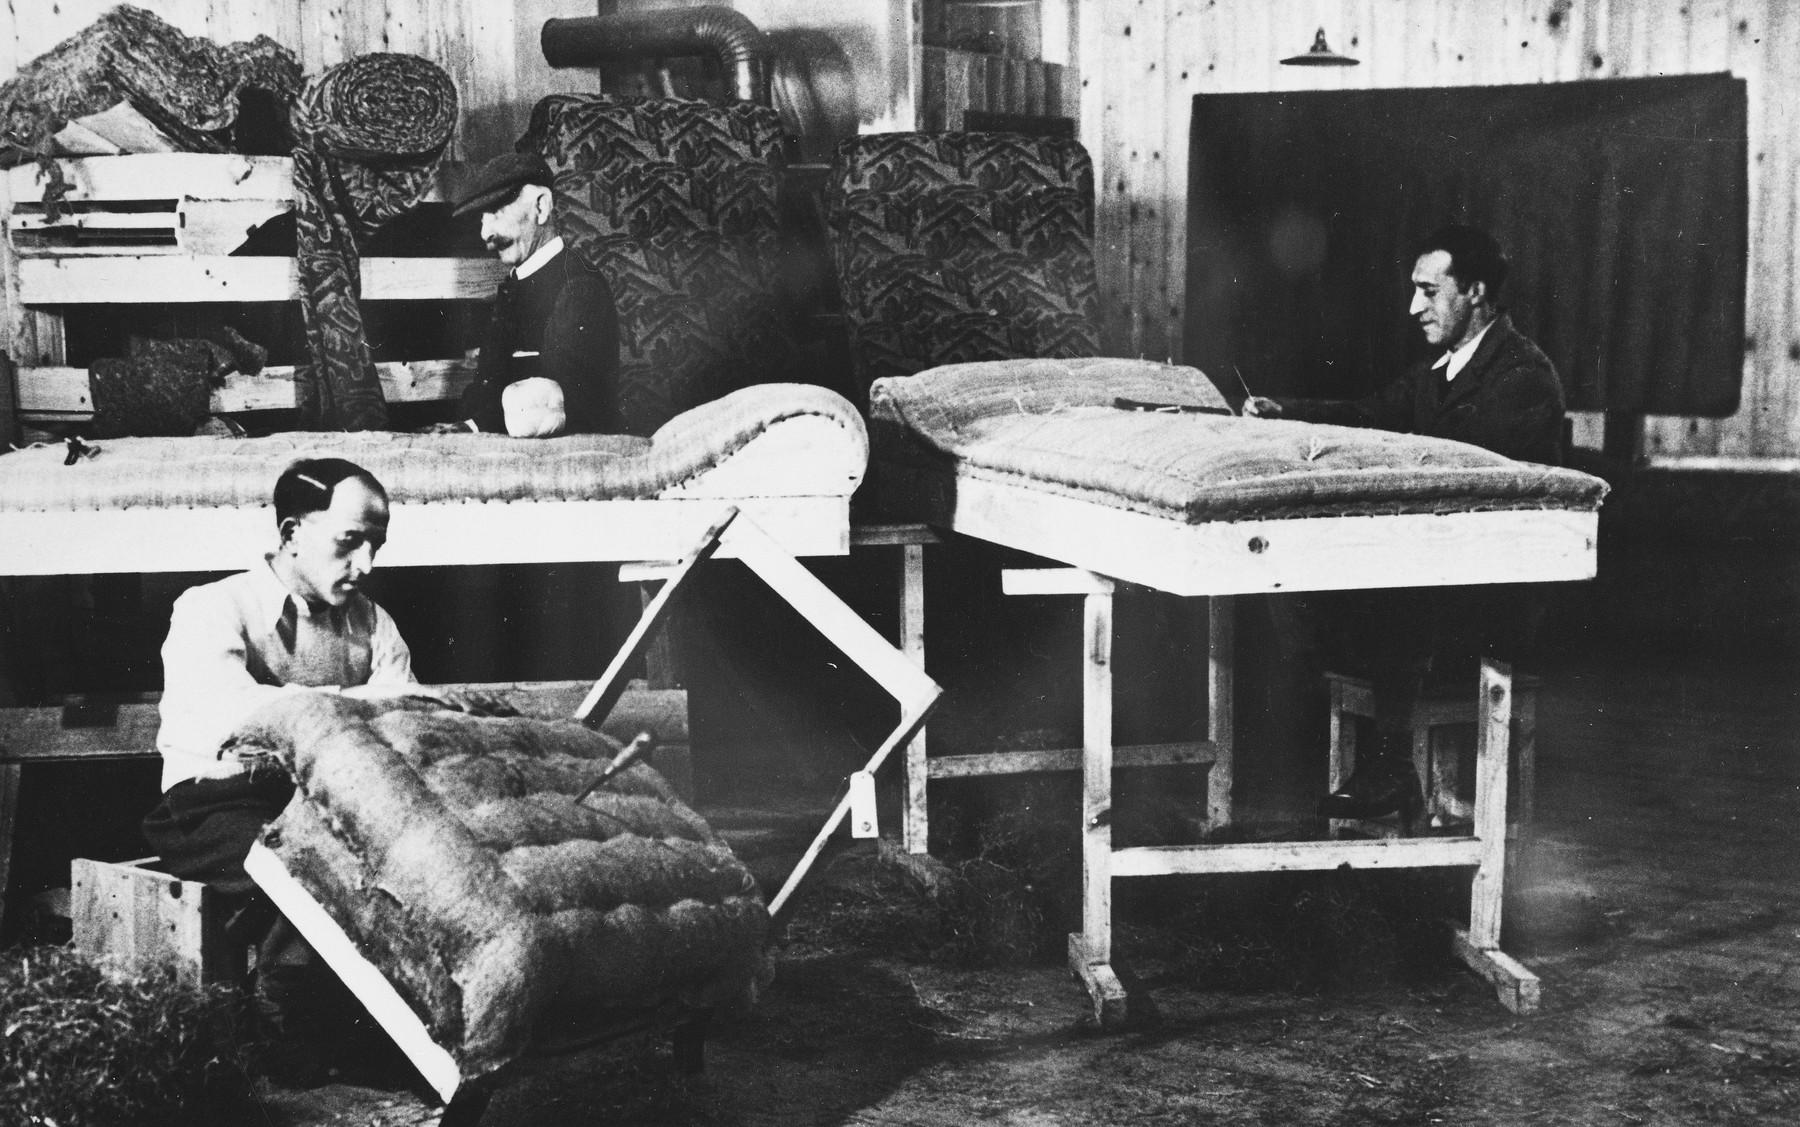 Prisoners upholster furniture at a Slovak labor camp.